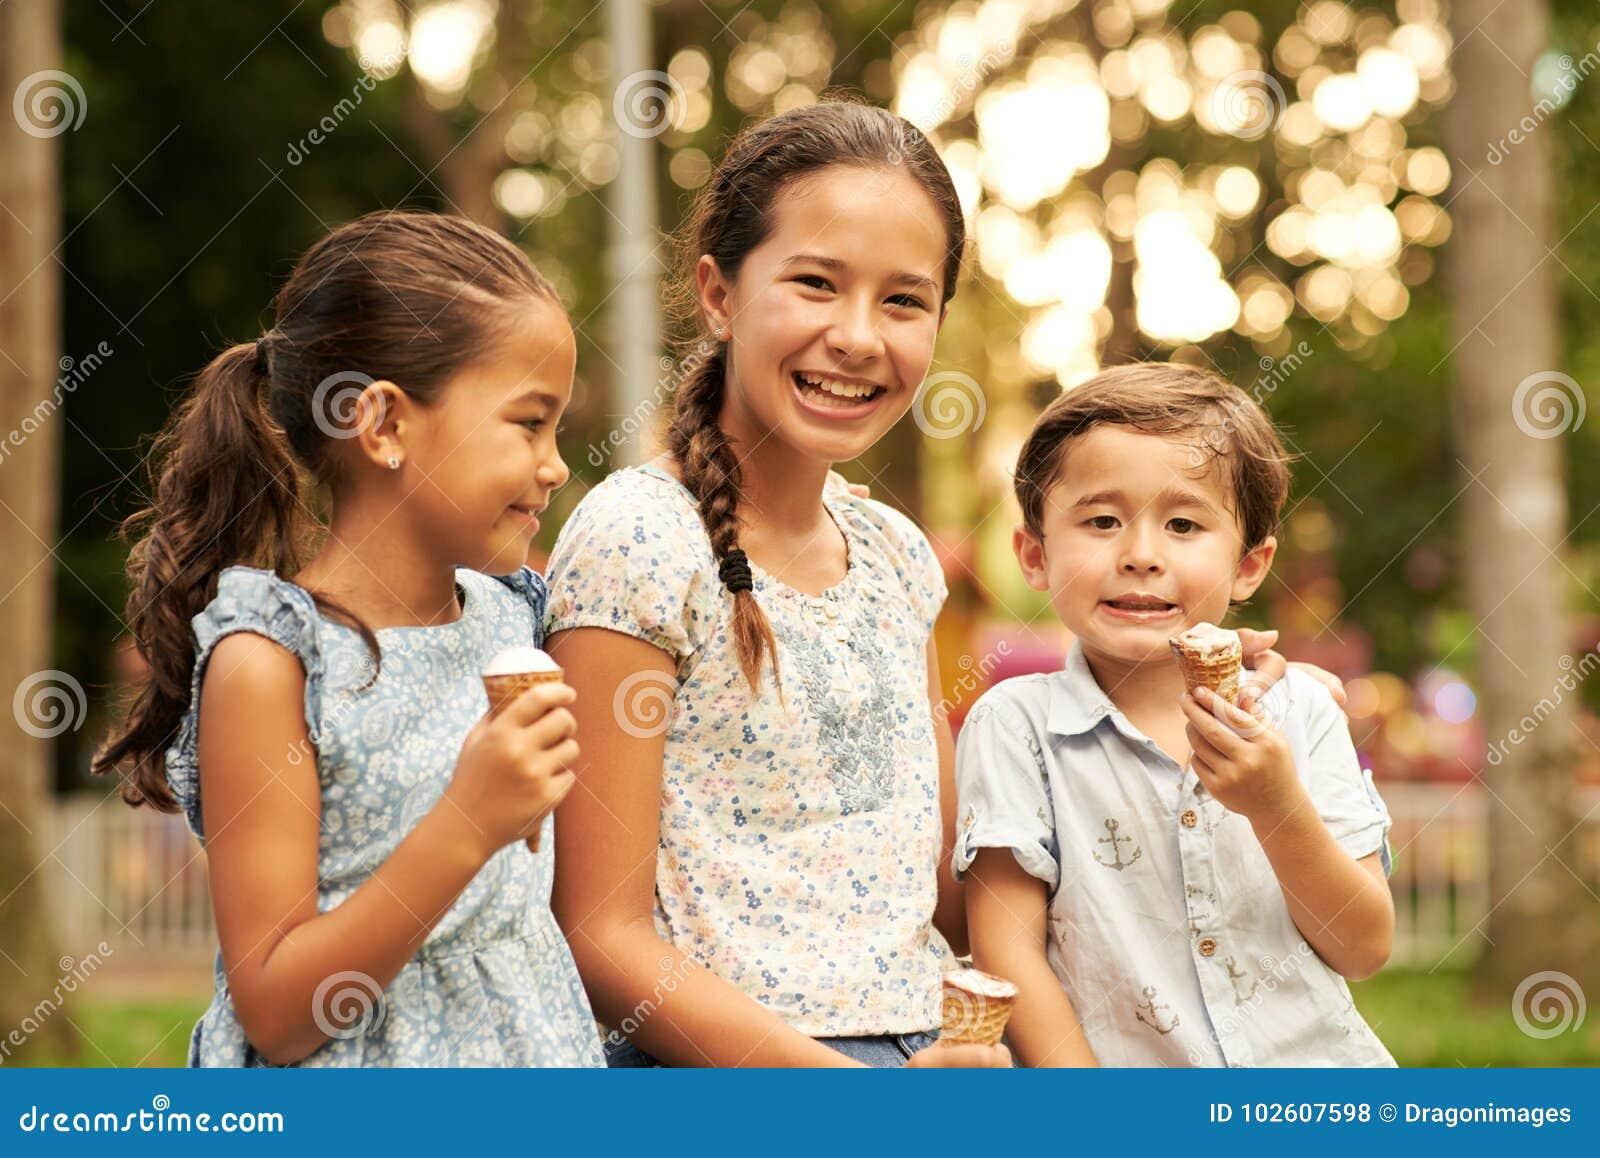 Kinder, die Eiscreme essen